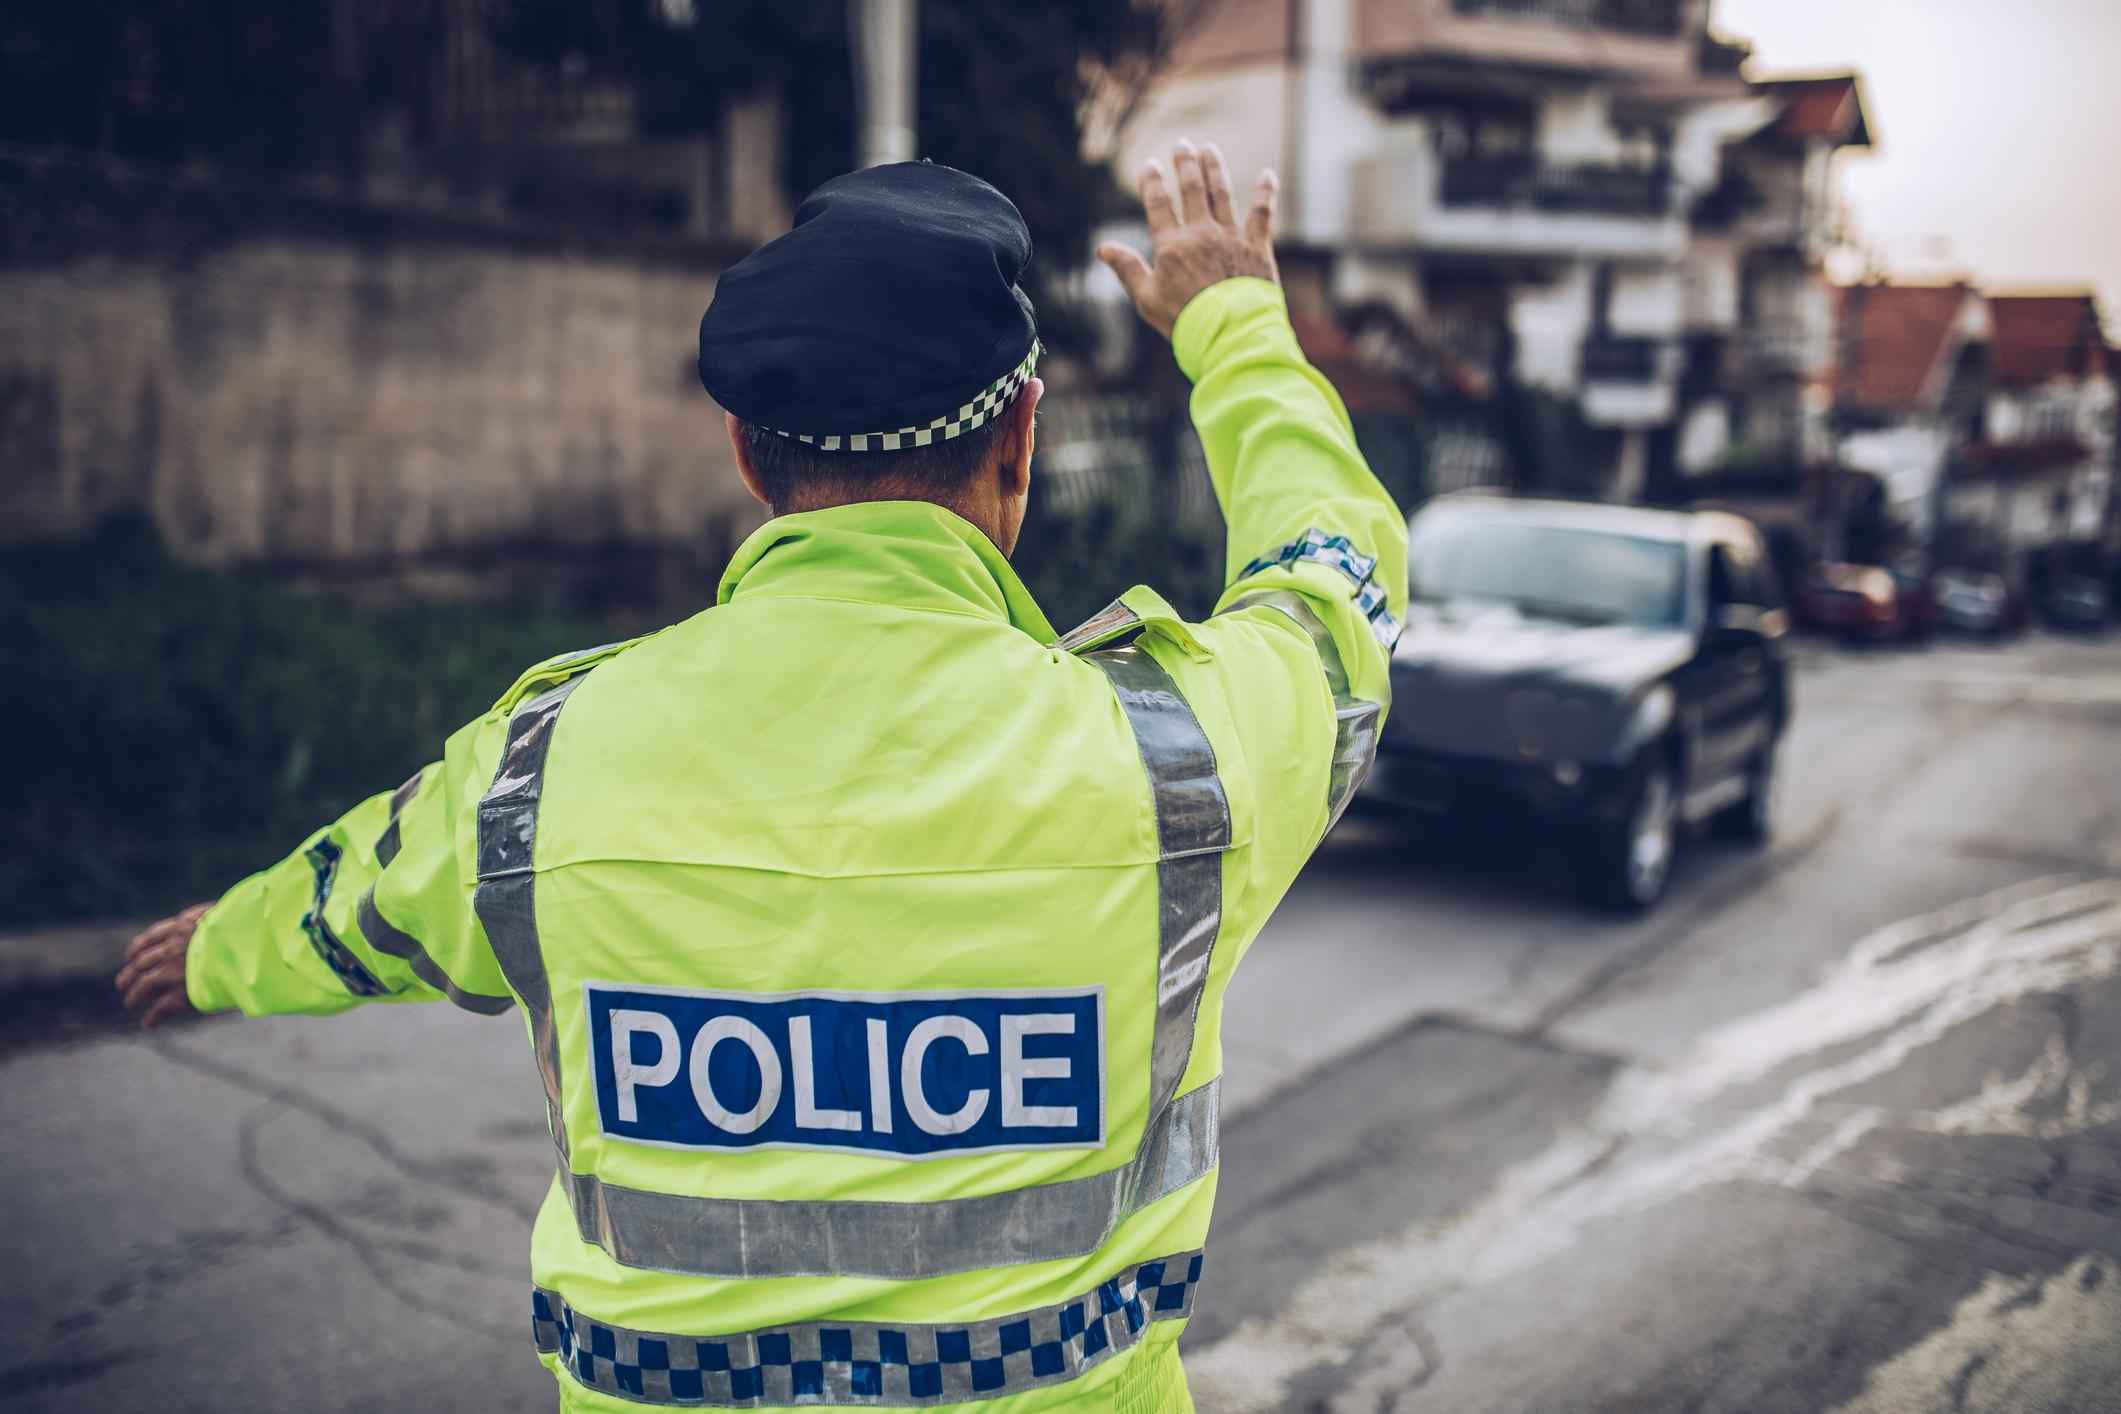 Mi a teendő, ha ezt a rendőri jelzést látod?